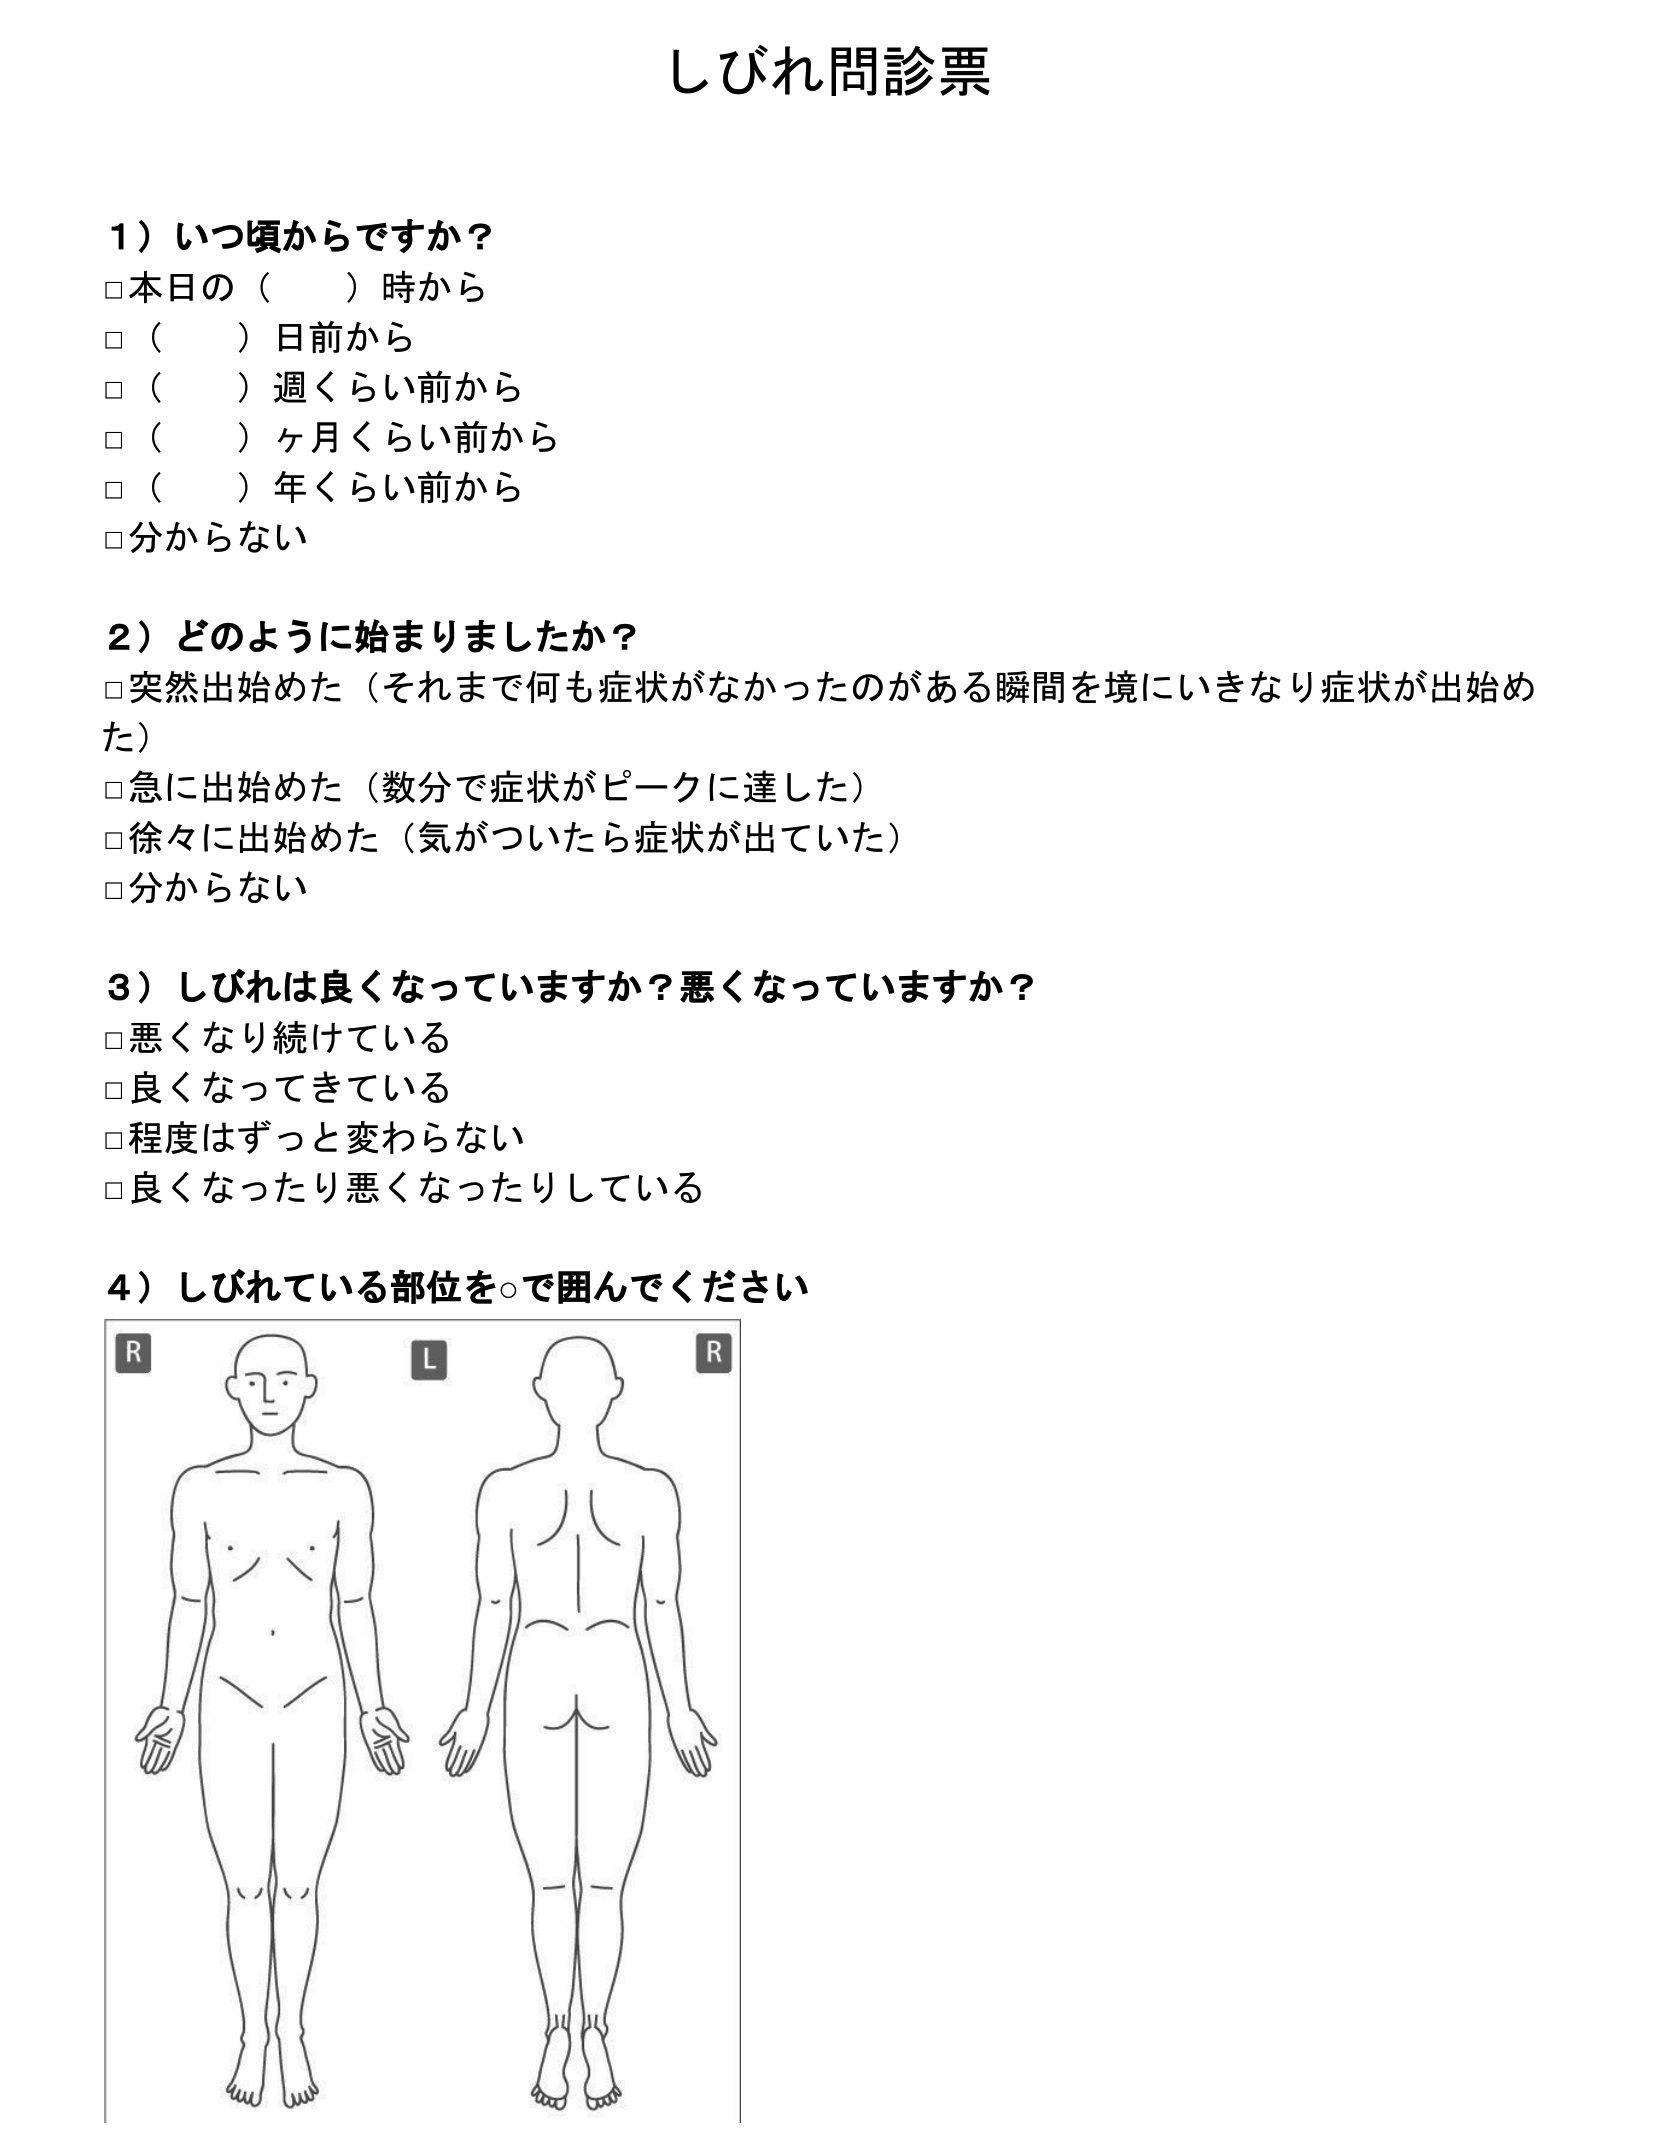 しびれ問診票テンプレート-1